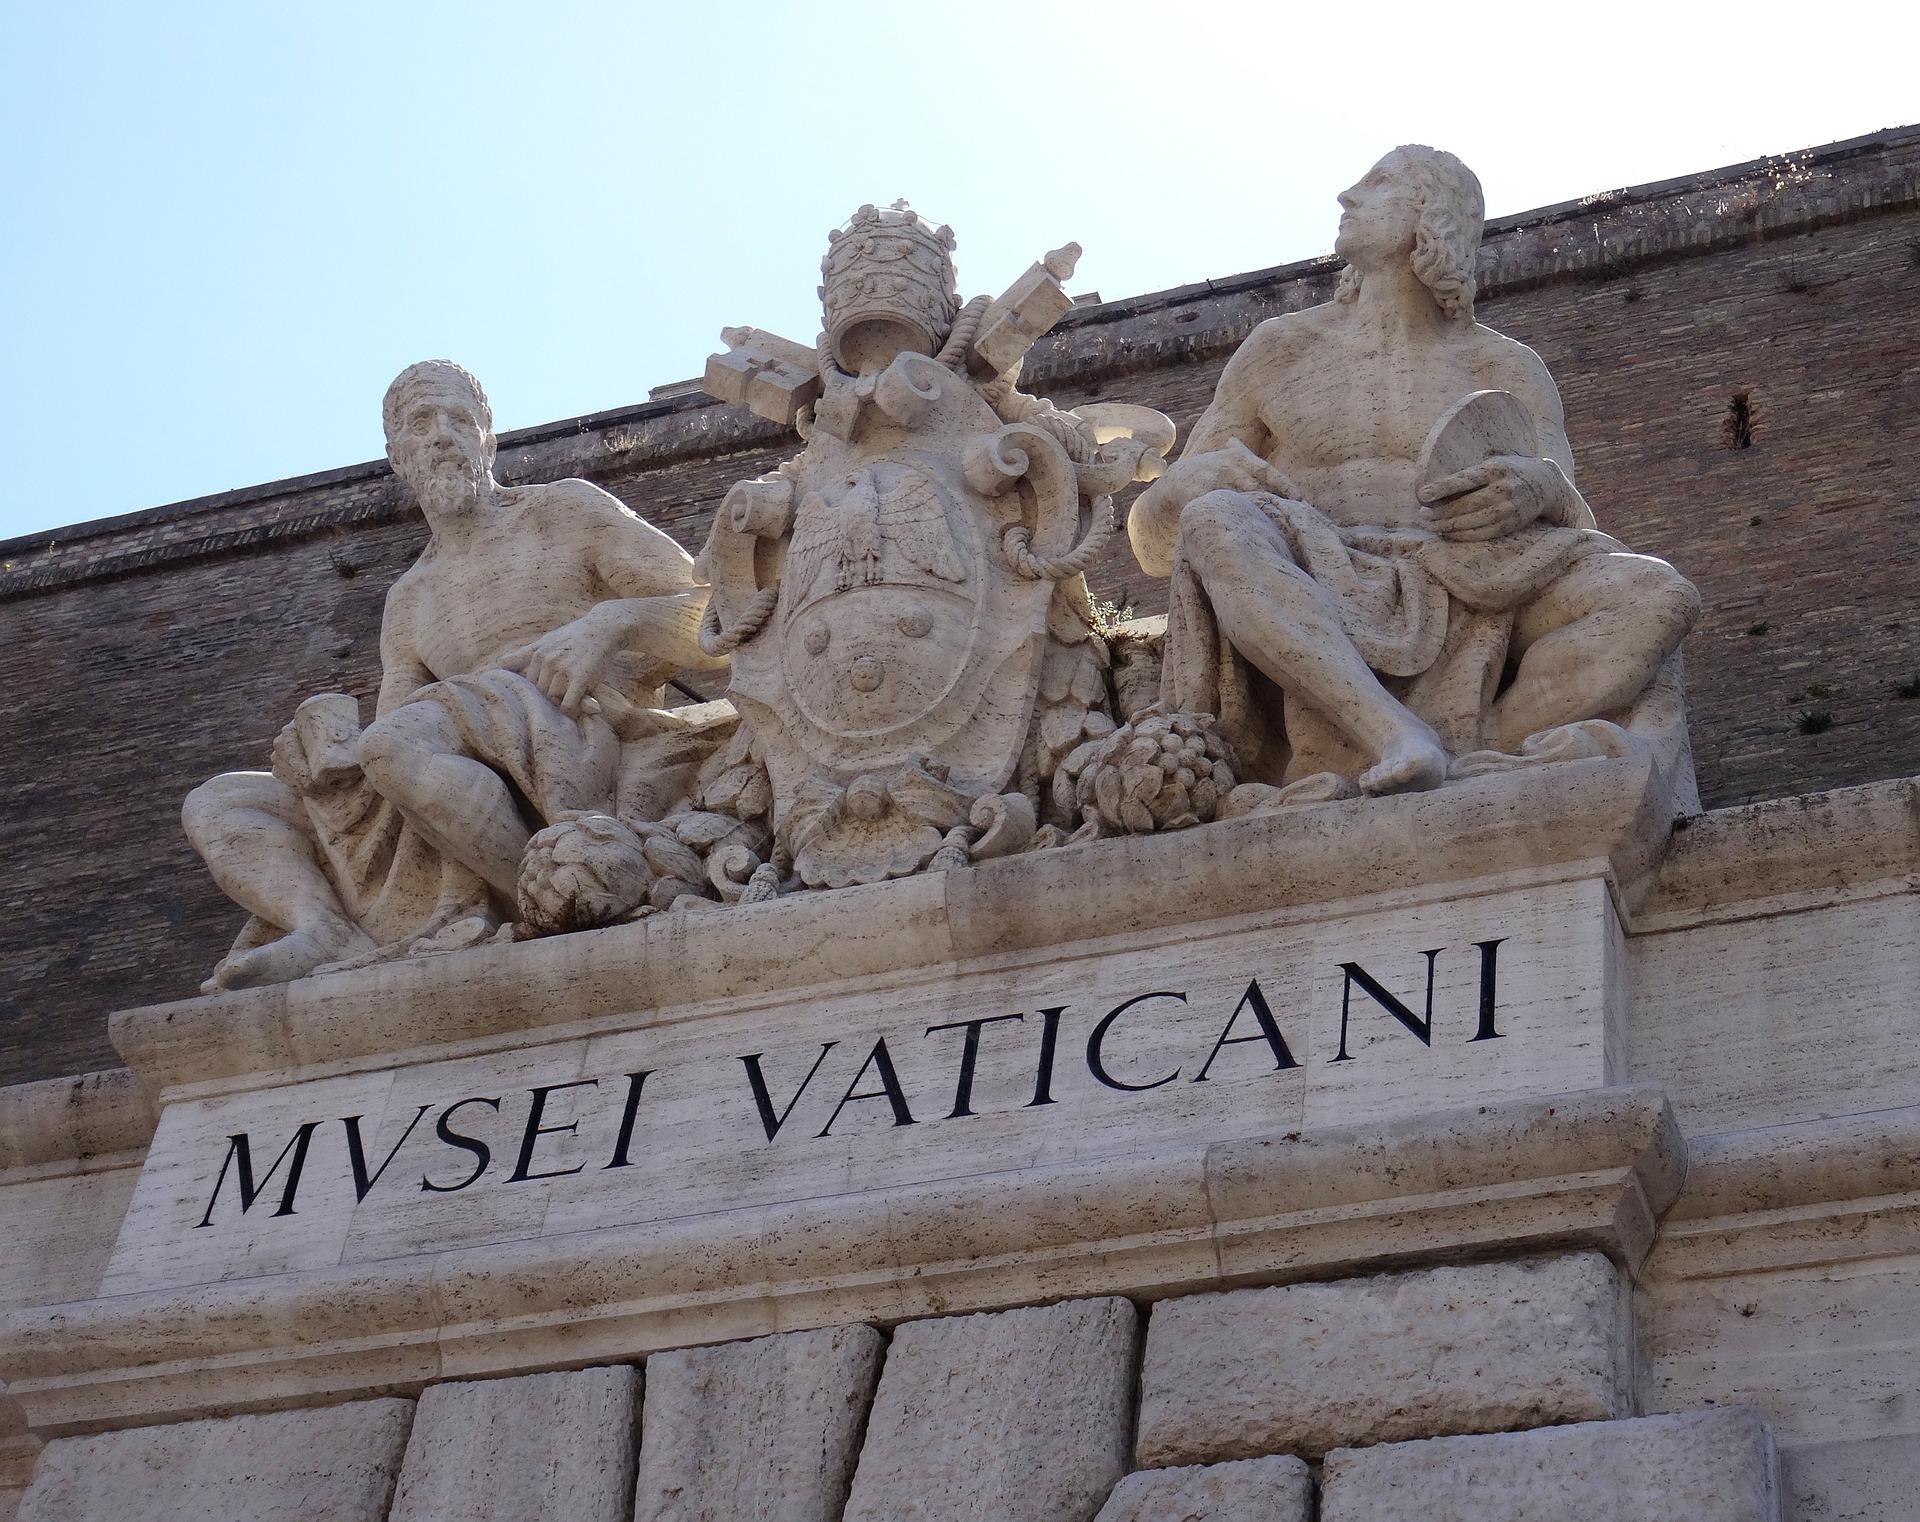 storia dei musei vaticani